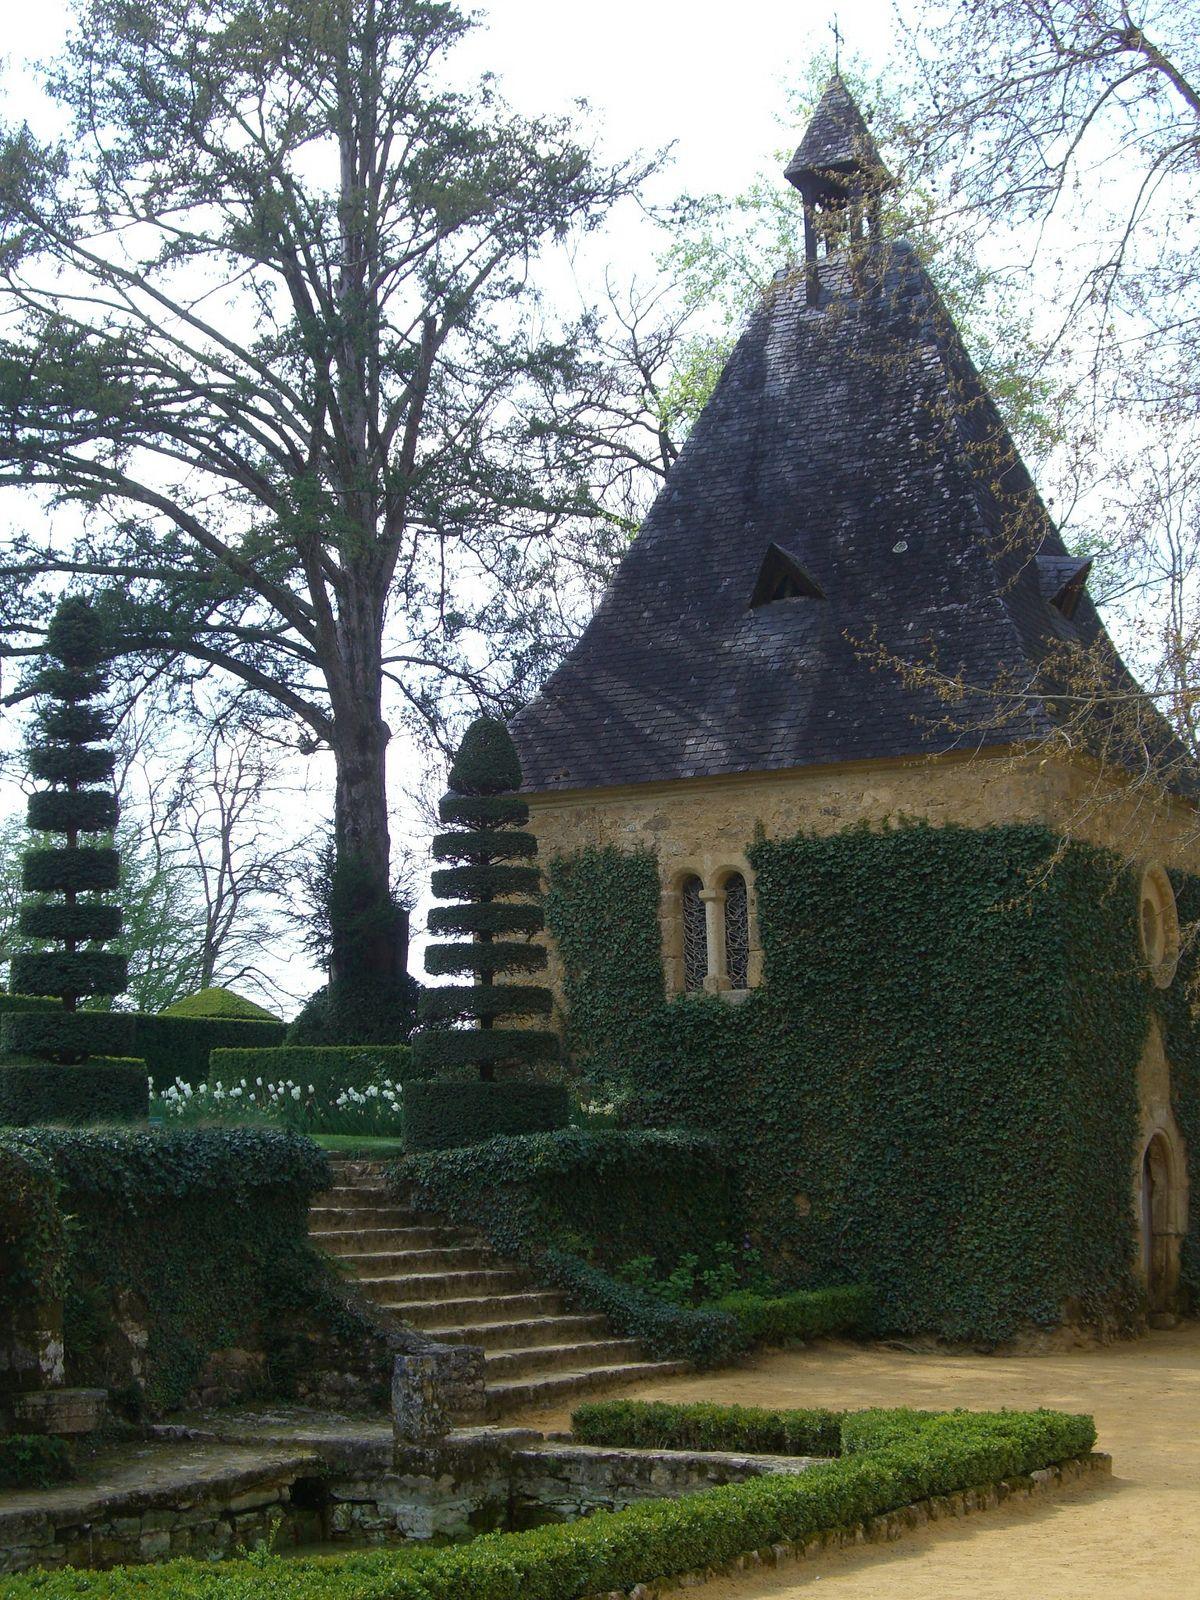 Jardins du manoir d'Eyrignac (24) | Flickr - Photo Sharing!